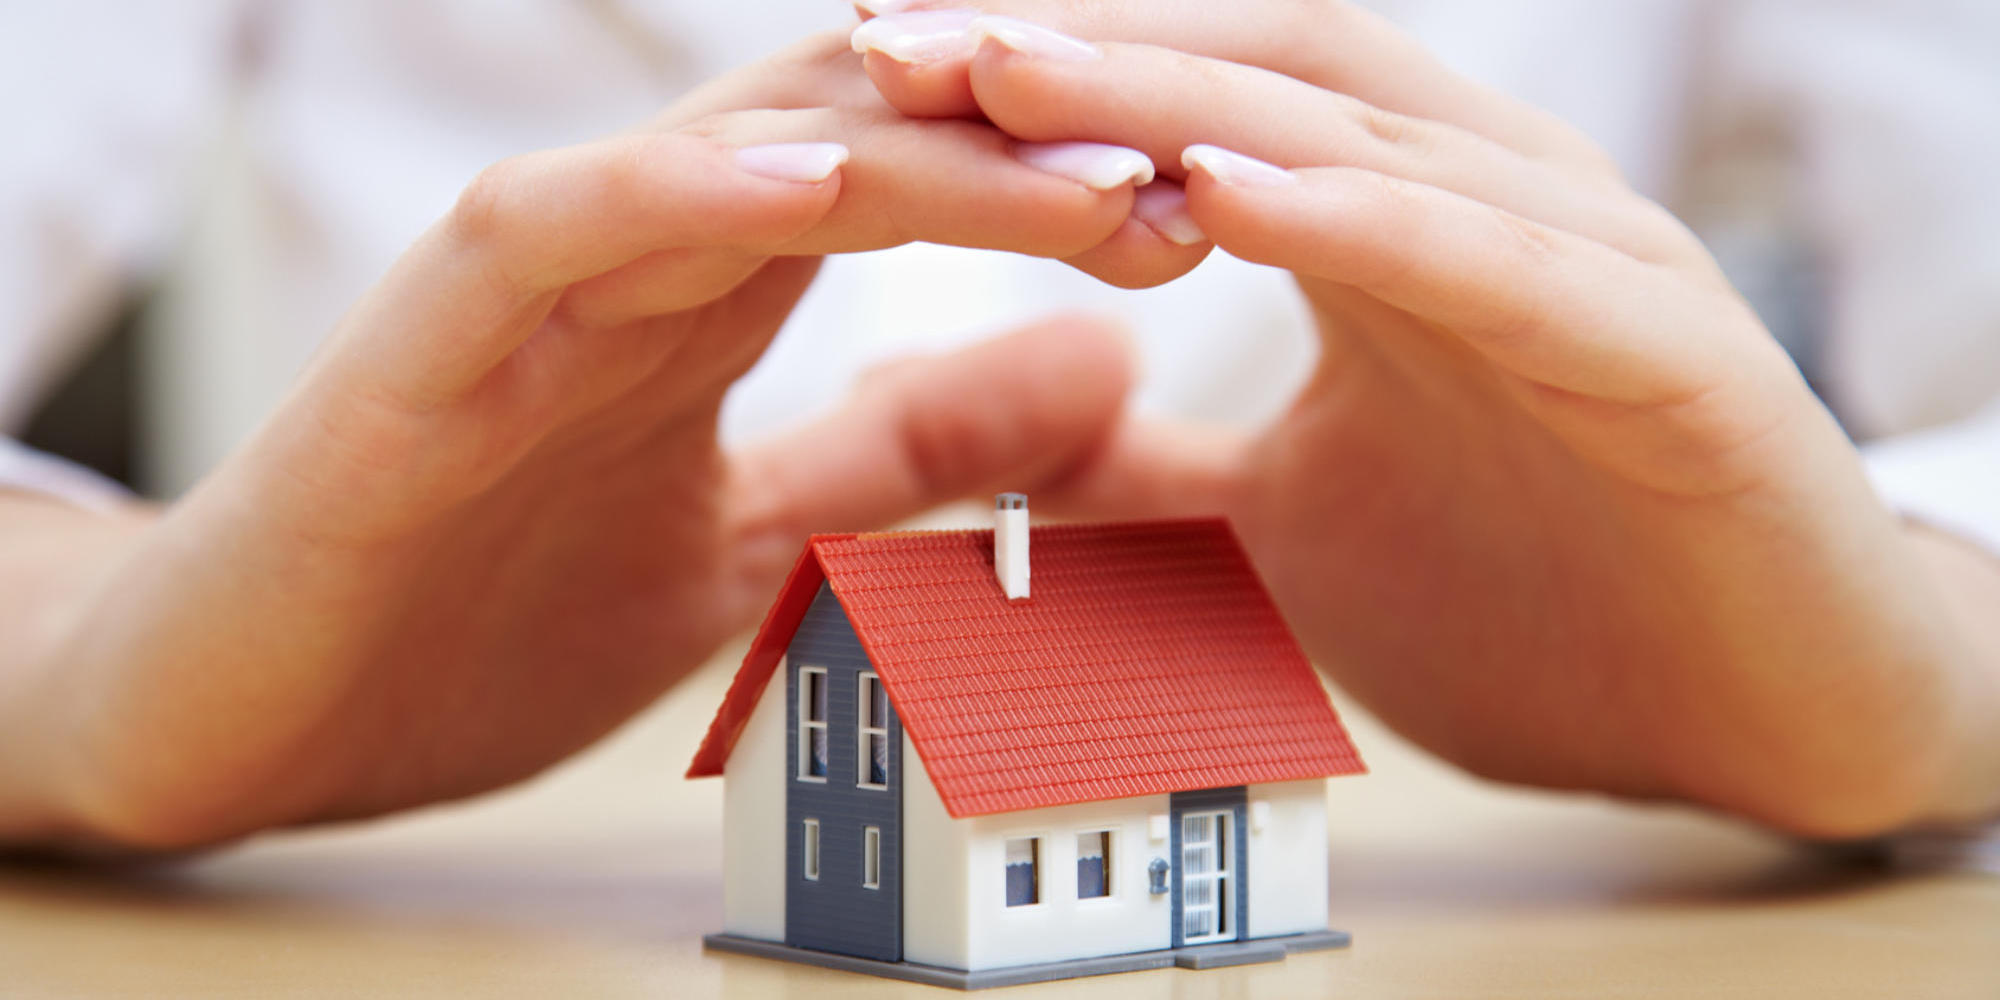 Système de sécurité maison : ce qu'il faut savoir